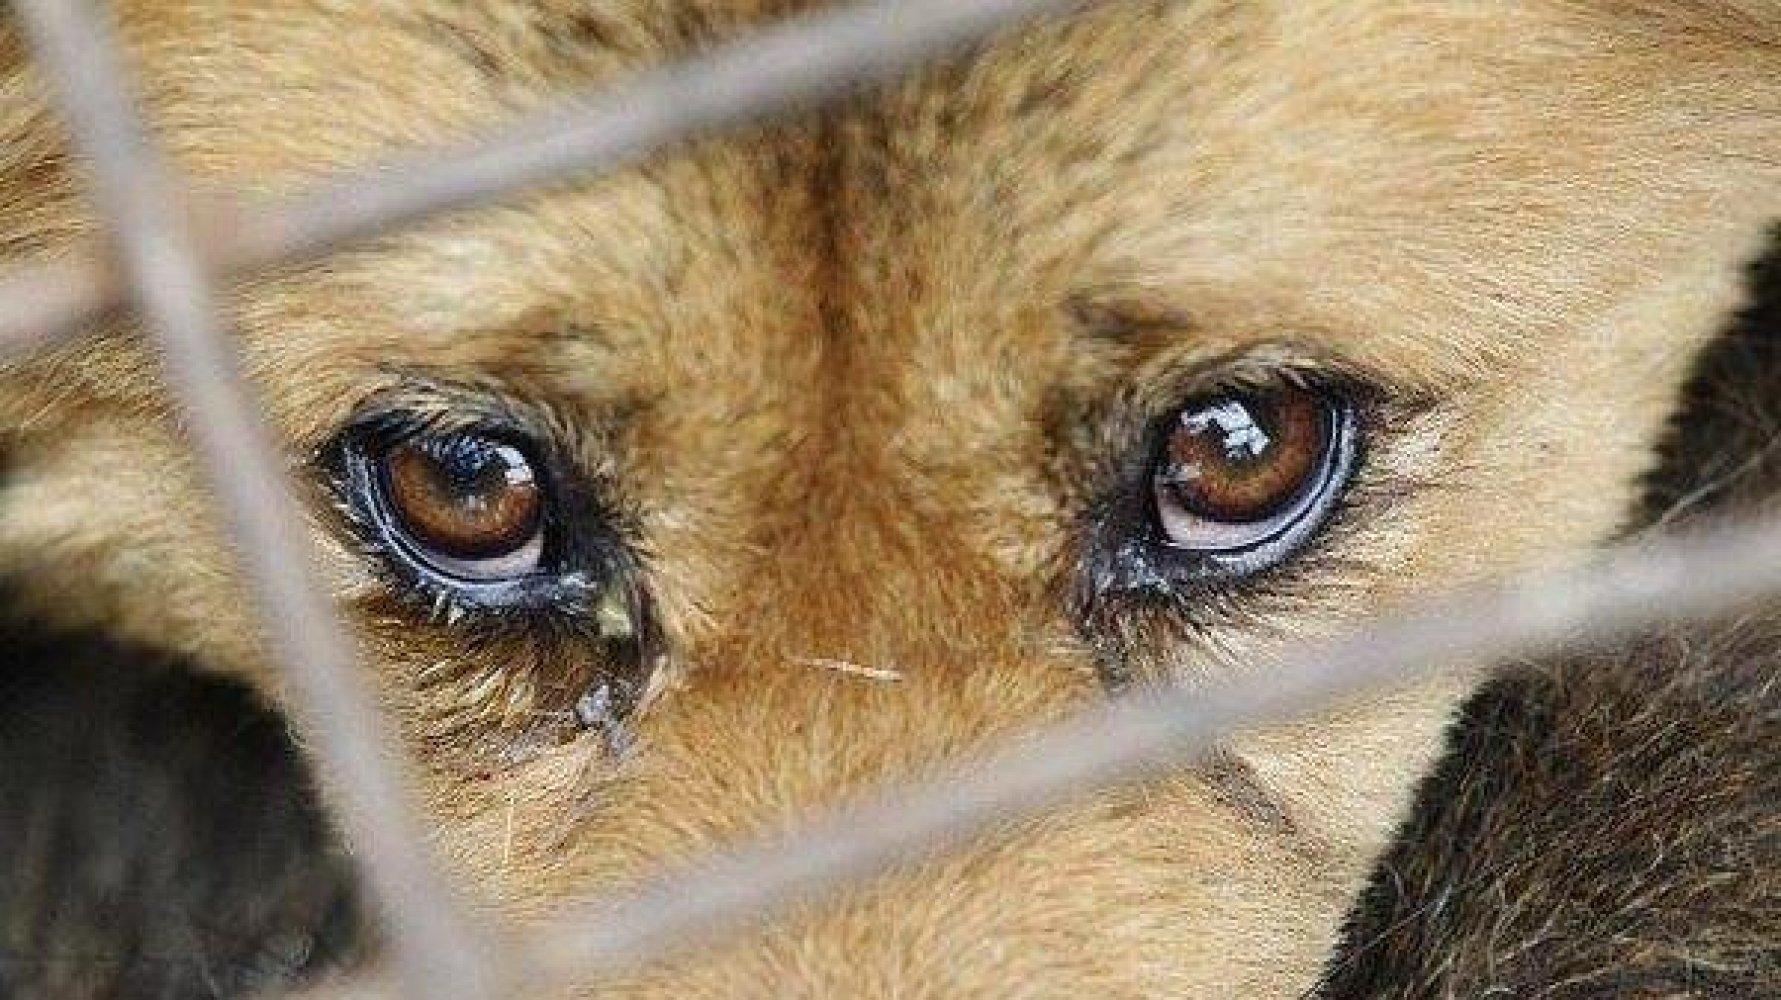 Киевлянин избил собаку в подъезде дома и выкинул ее на мороз